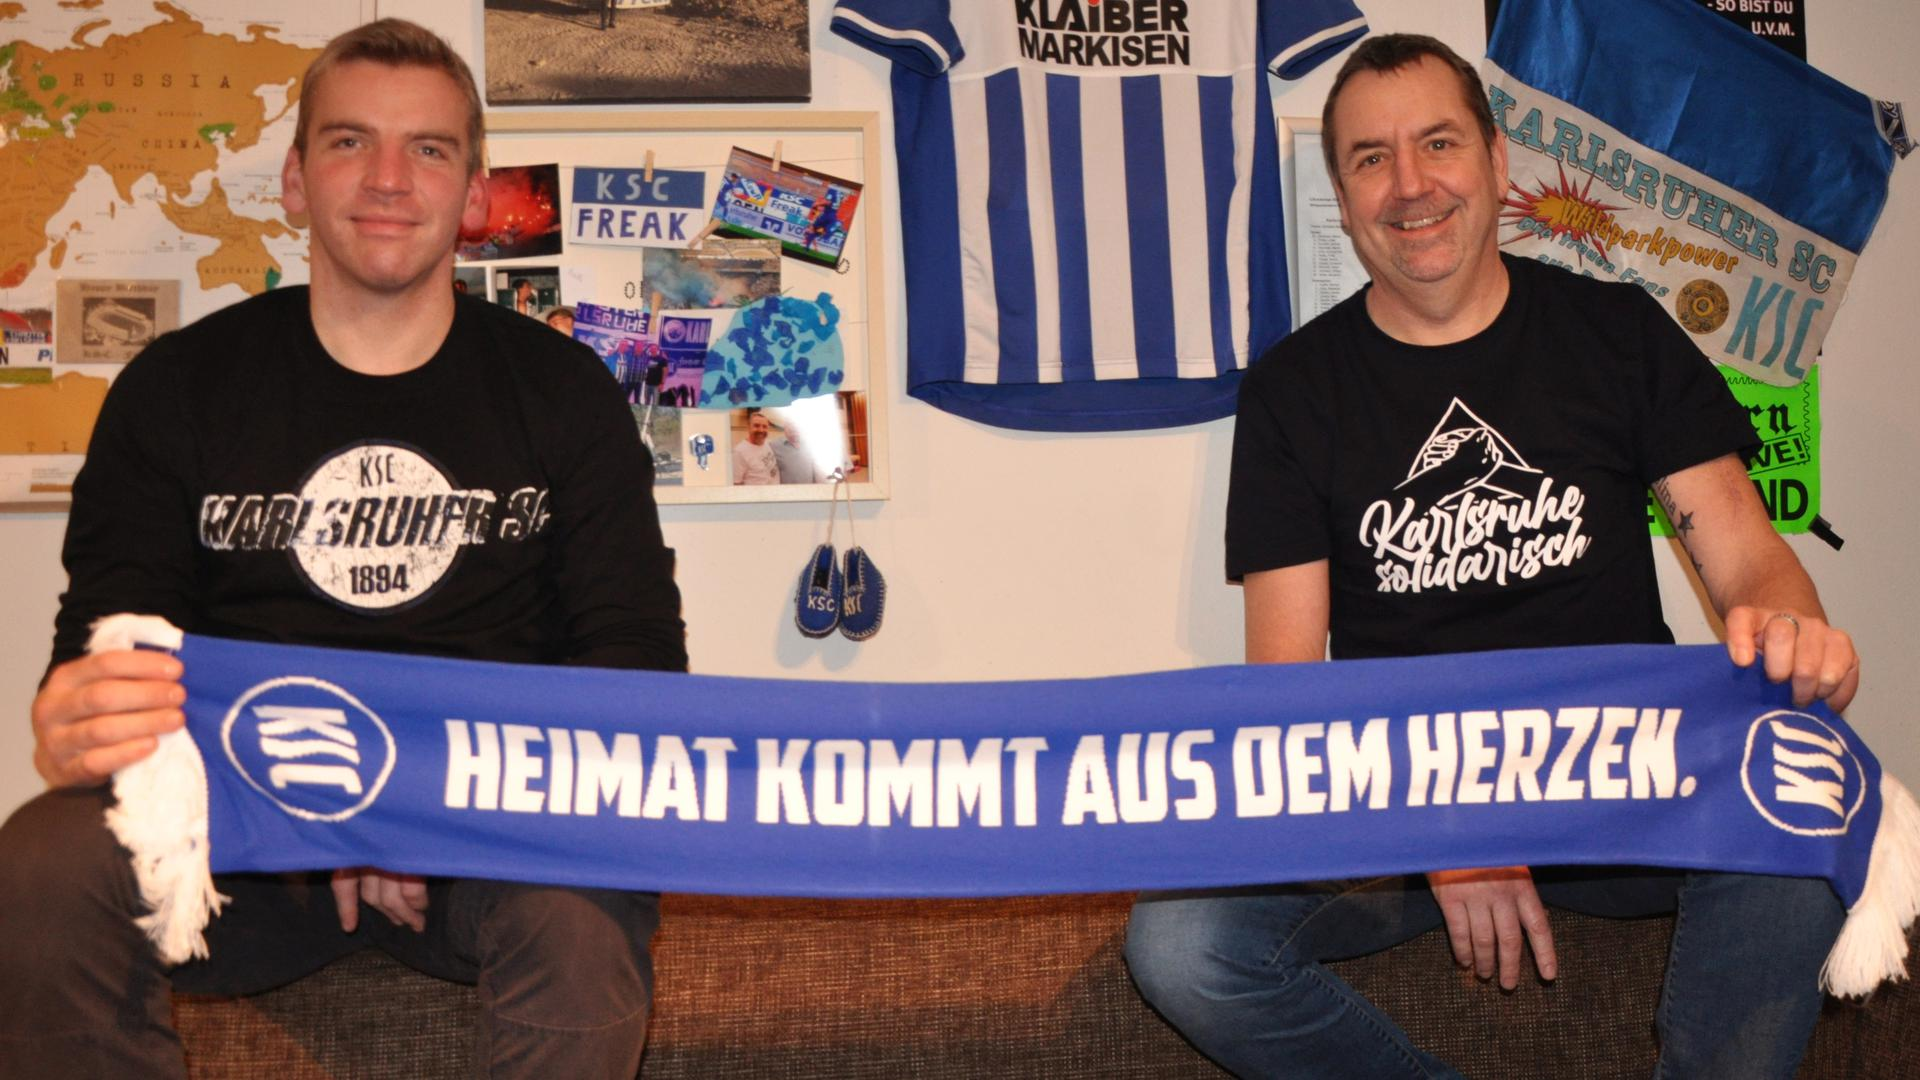 Die Fußballtouristen und KSC-Fans Oliver Warth (links) aus Bruchsal und Oliver Brannath aus Rheinstetten